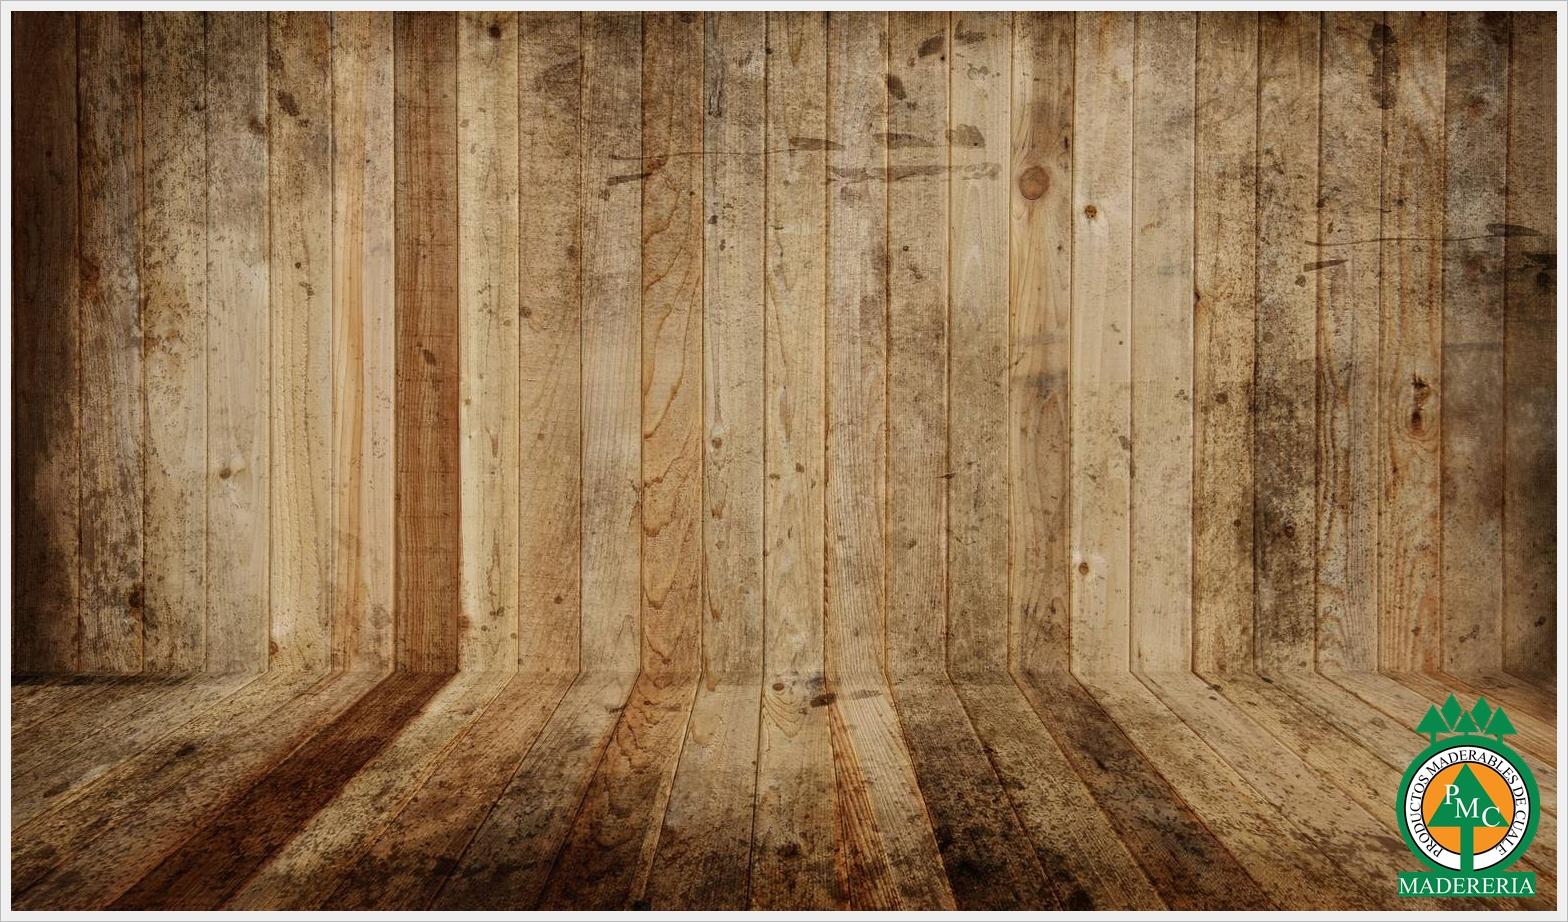 Productos maderables de cuale tipos de madera - Fotos en madera ...